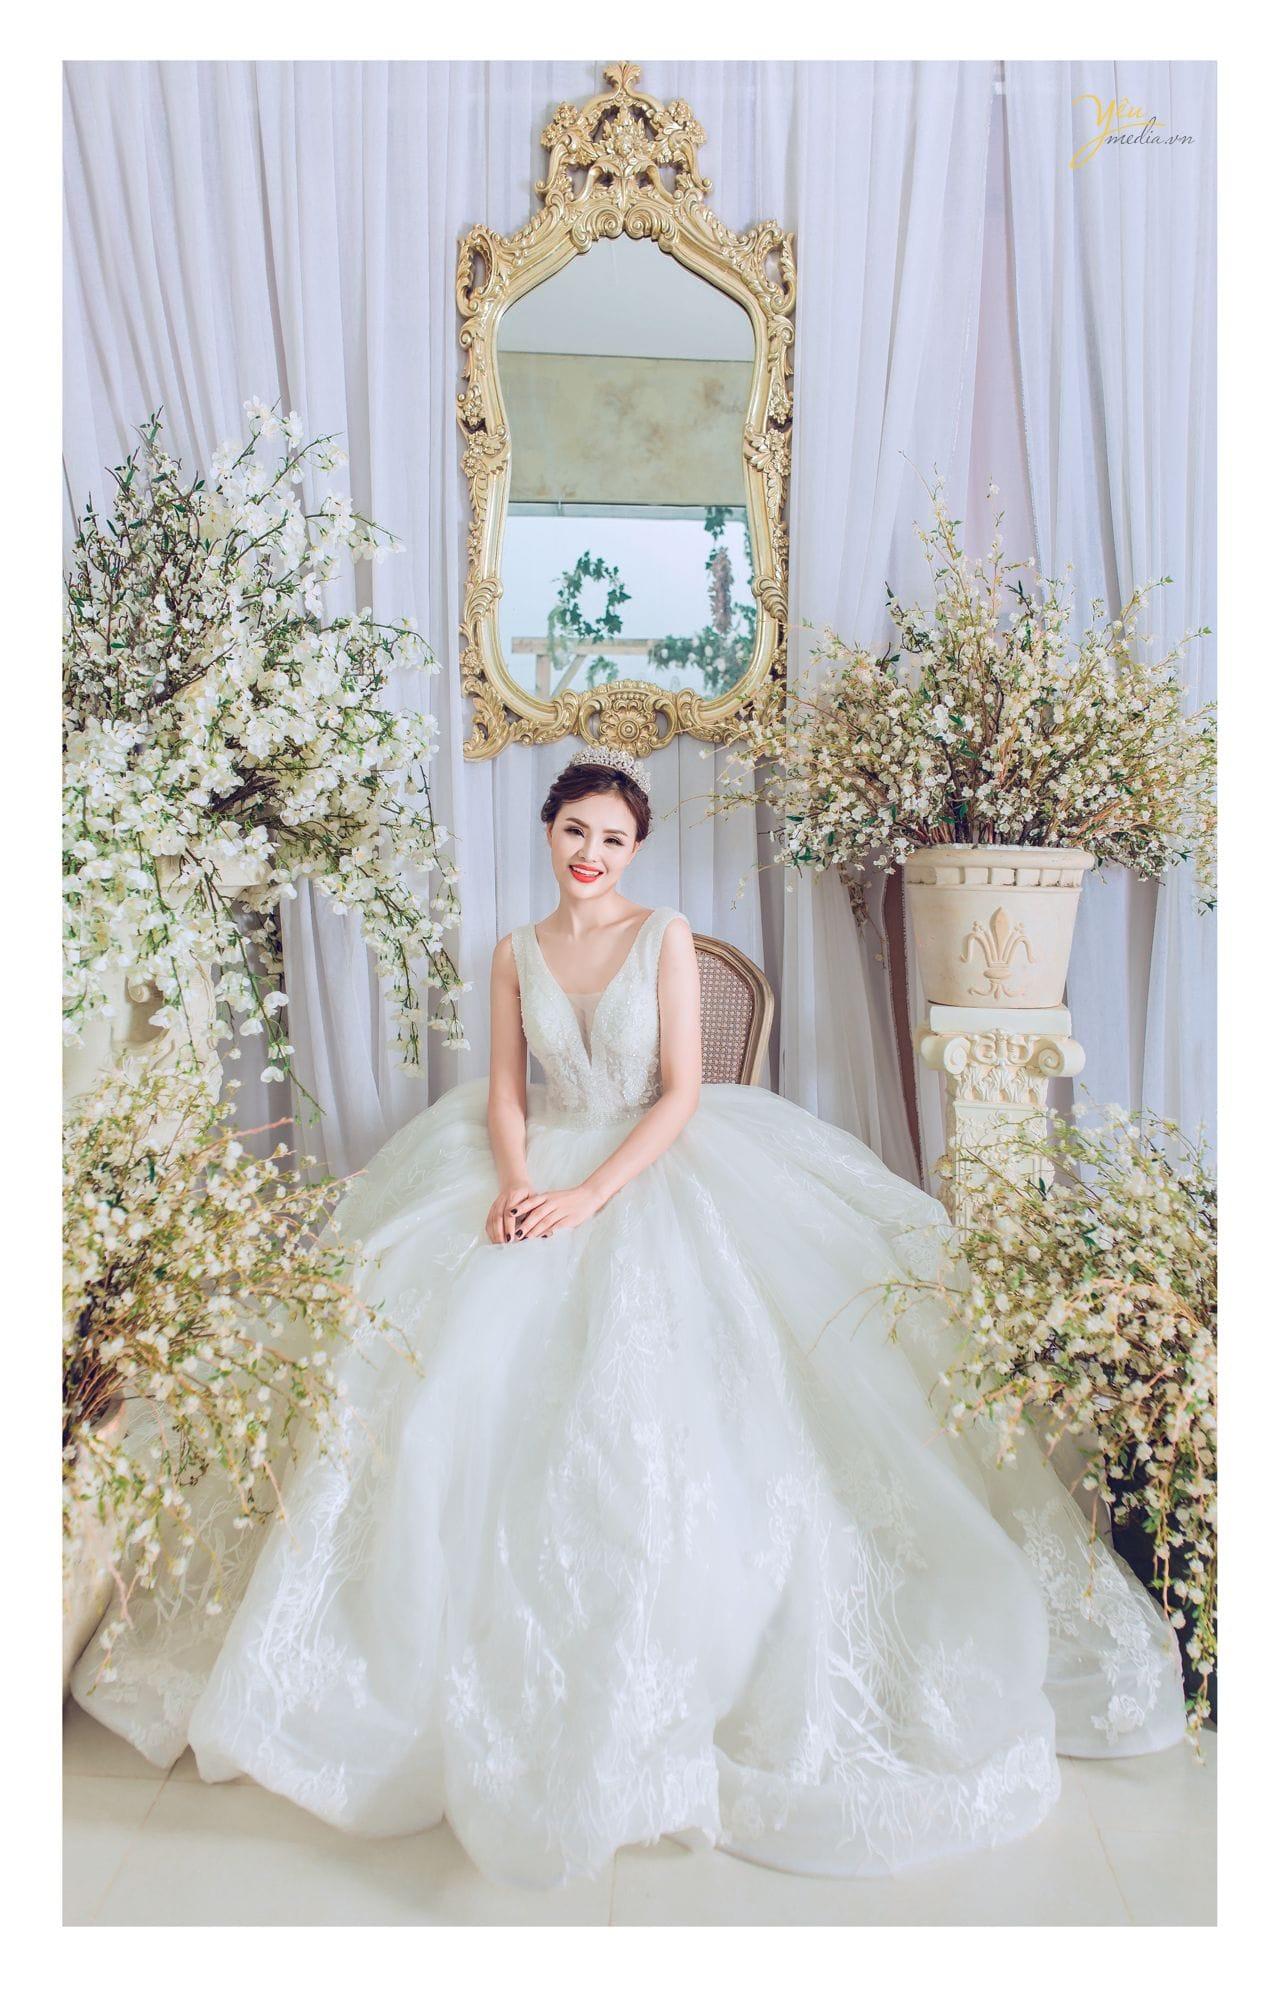 ảnh chụp cô dâu đơn ngồi như công chúa